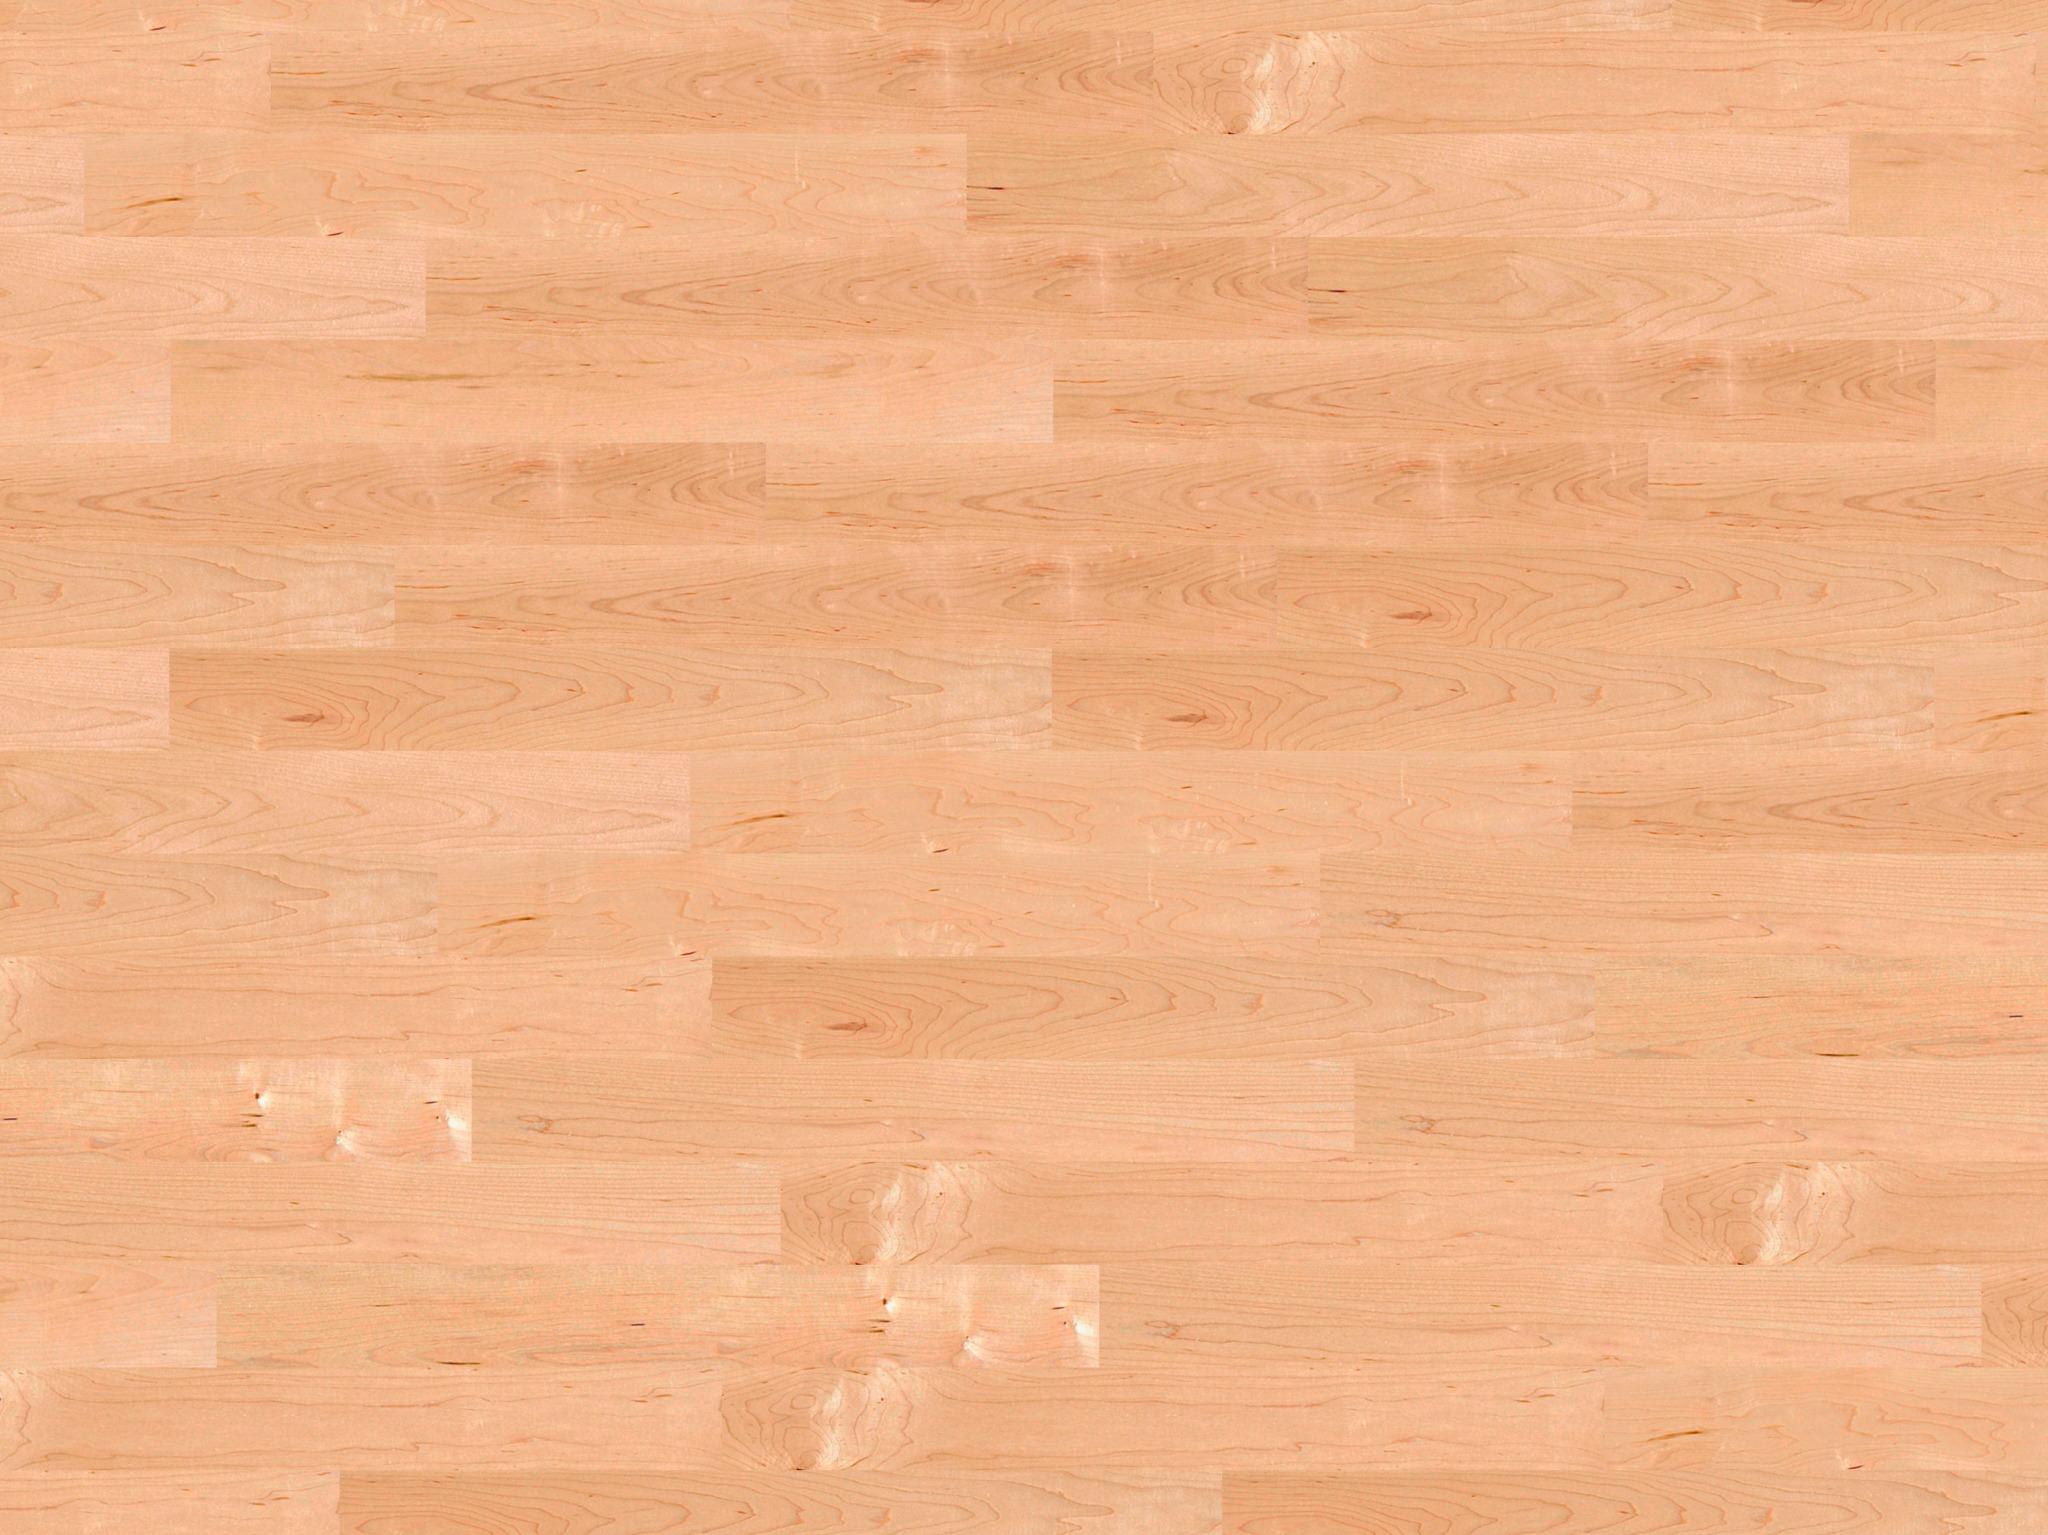 fuge zwischen parkett und sockelleiste bergangsprofil laminat eiche parkett natur. Black Bedroom Furniture Sets. Home Design Ideas